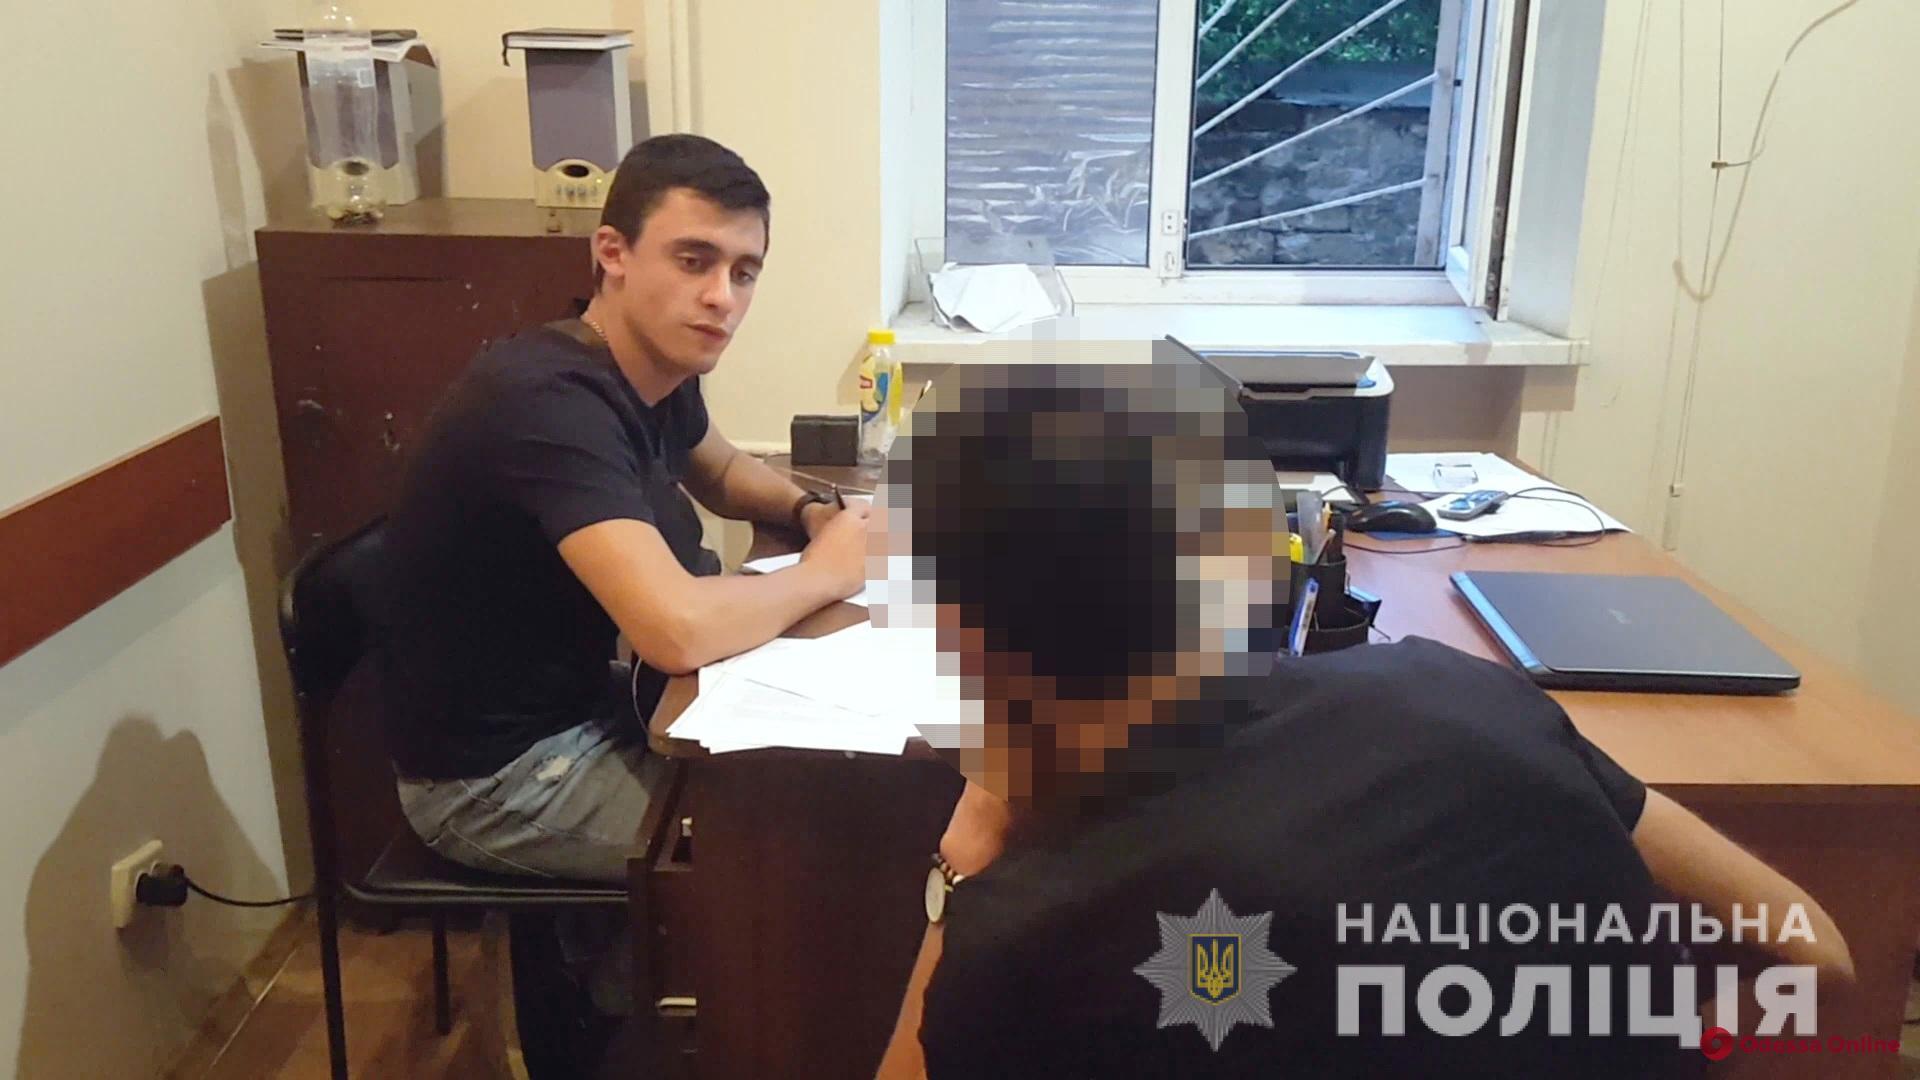 В одесском общежитии студенты-иностранцы обворовывали своих соседей